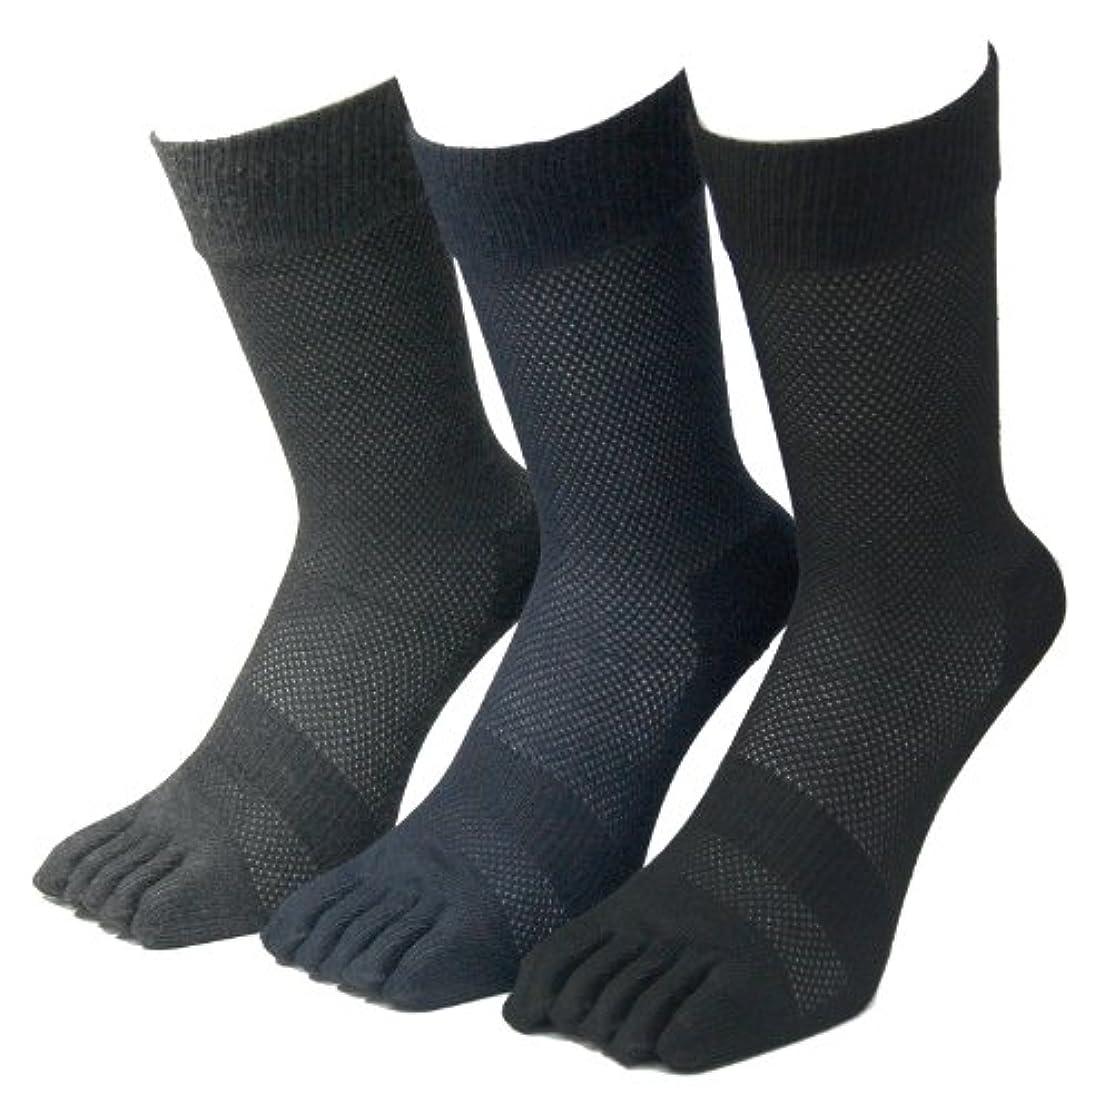 適性湿度海洋の銀マジック 抗菌消臭 五本指銀イオン靴下 メッシュ編 3色アソート 3足組 男性用 811